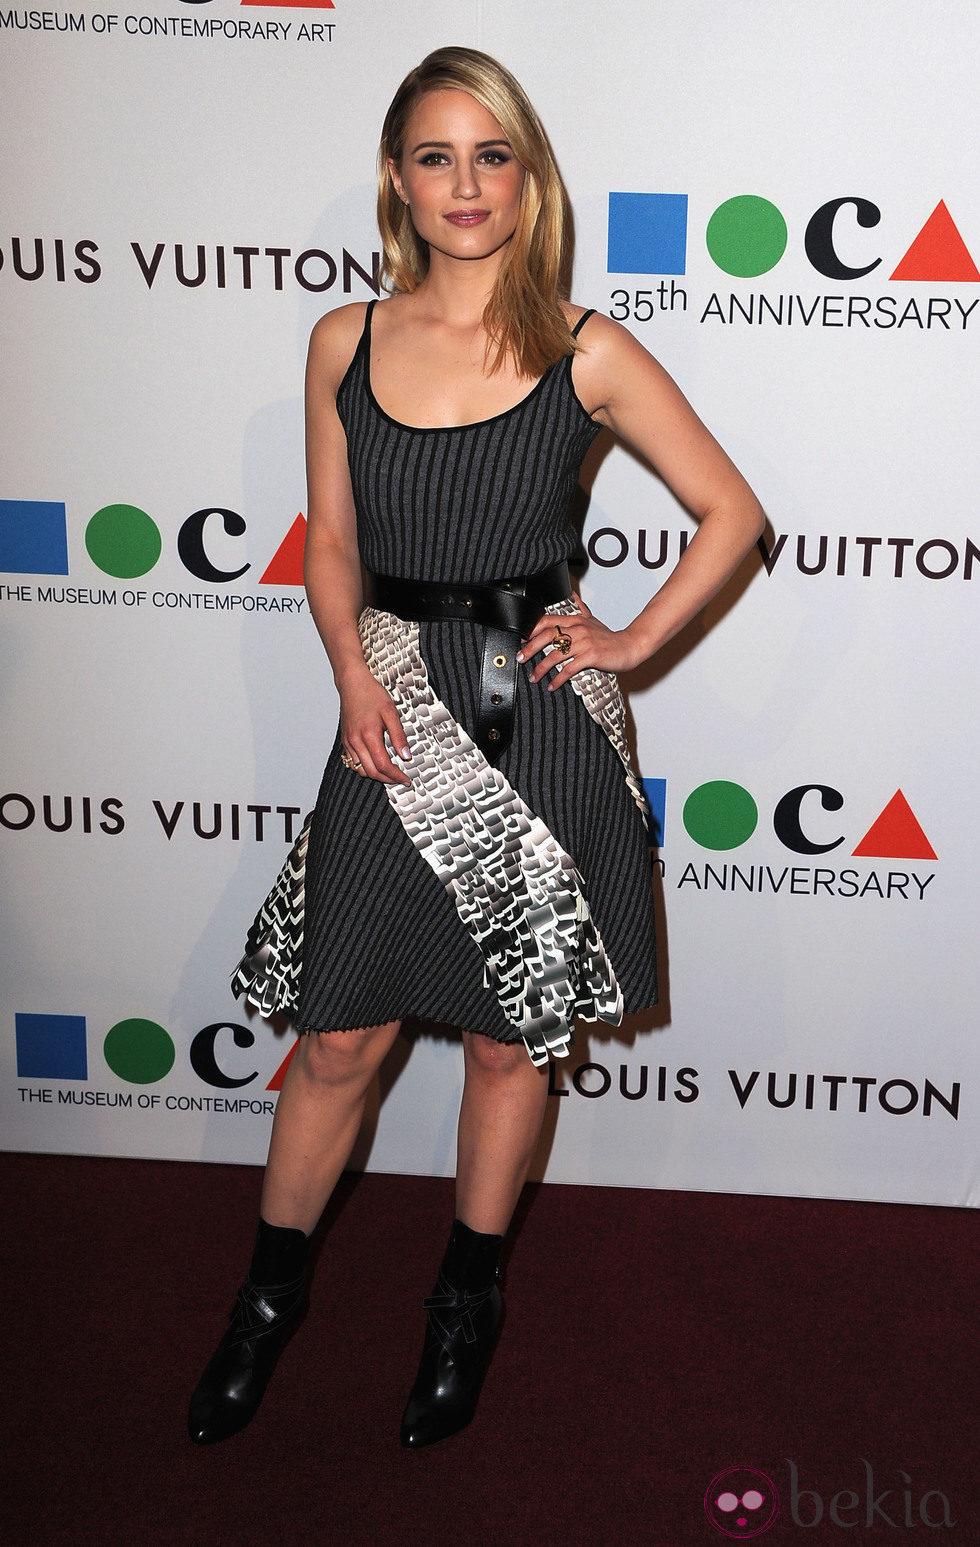 Dianna Agron en la fiesta del 35 aniversario del MOCA de Los Angeles